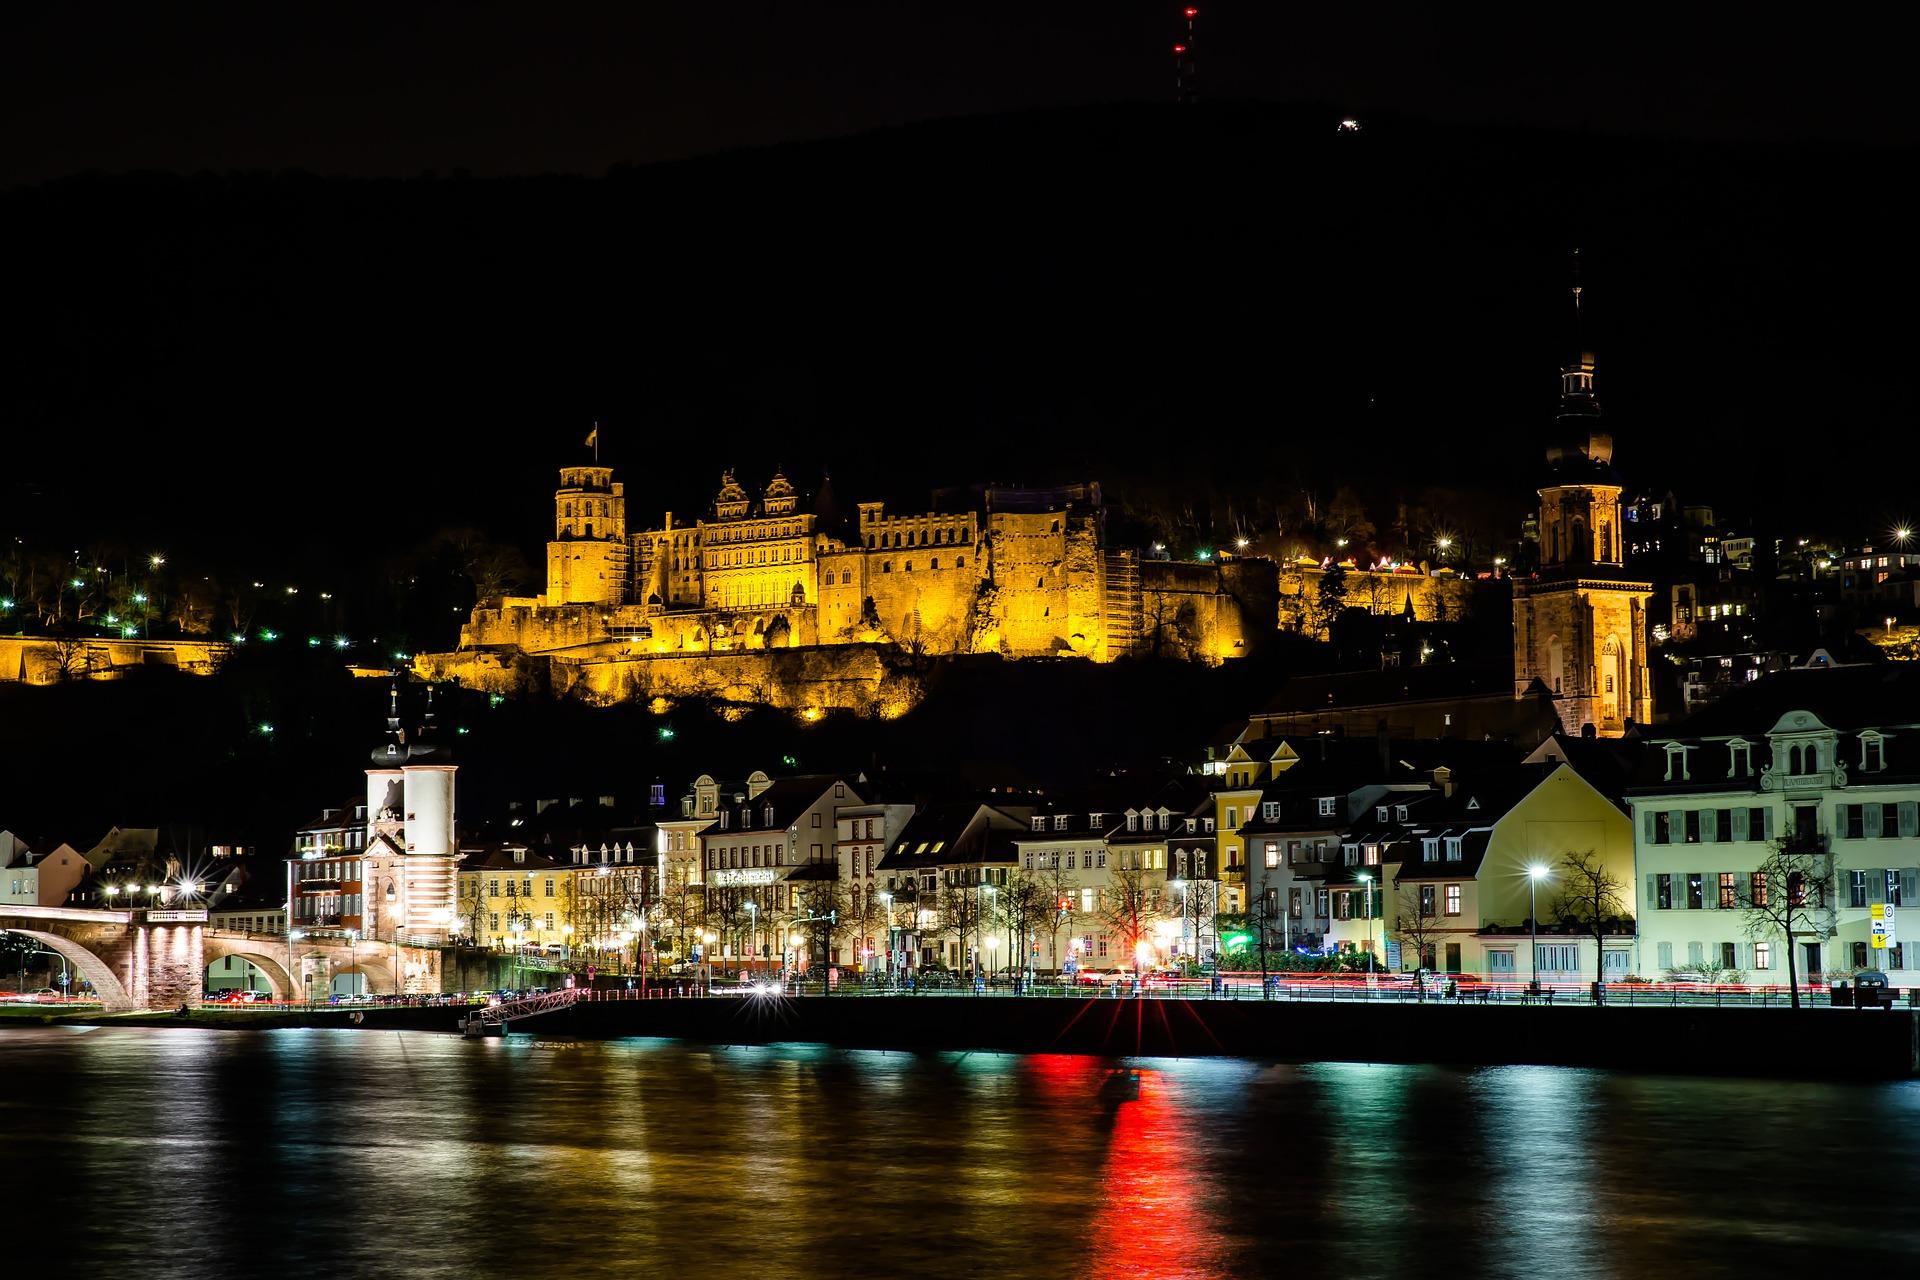 Warum du Heidelberg zur Weihnachtszeit besuchen solltest